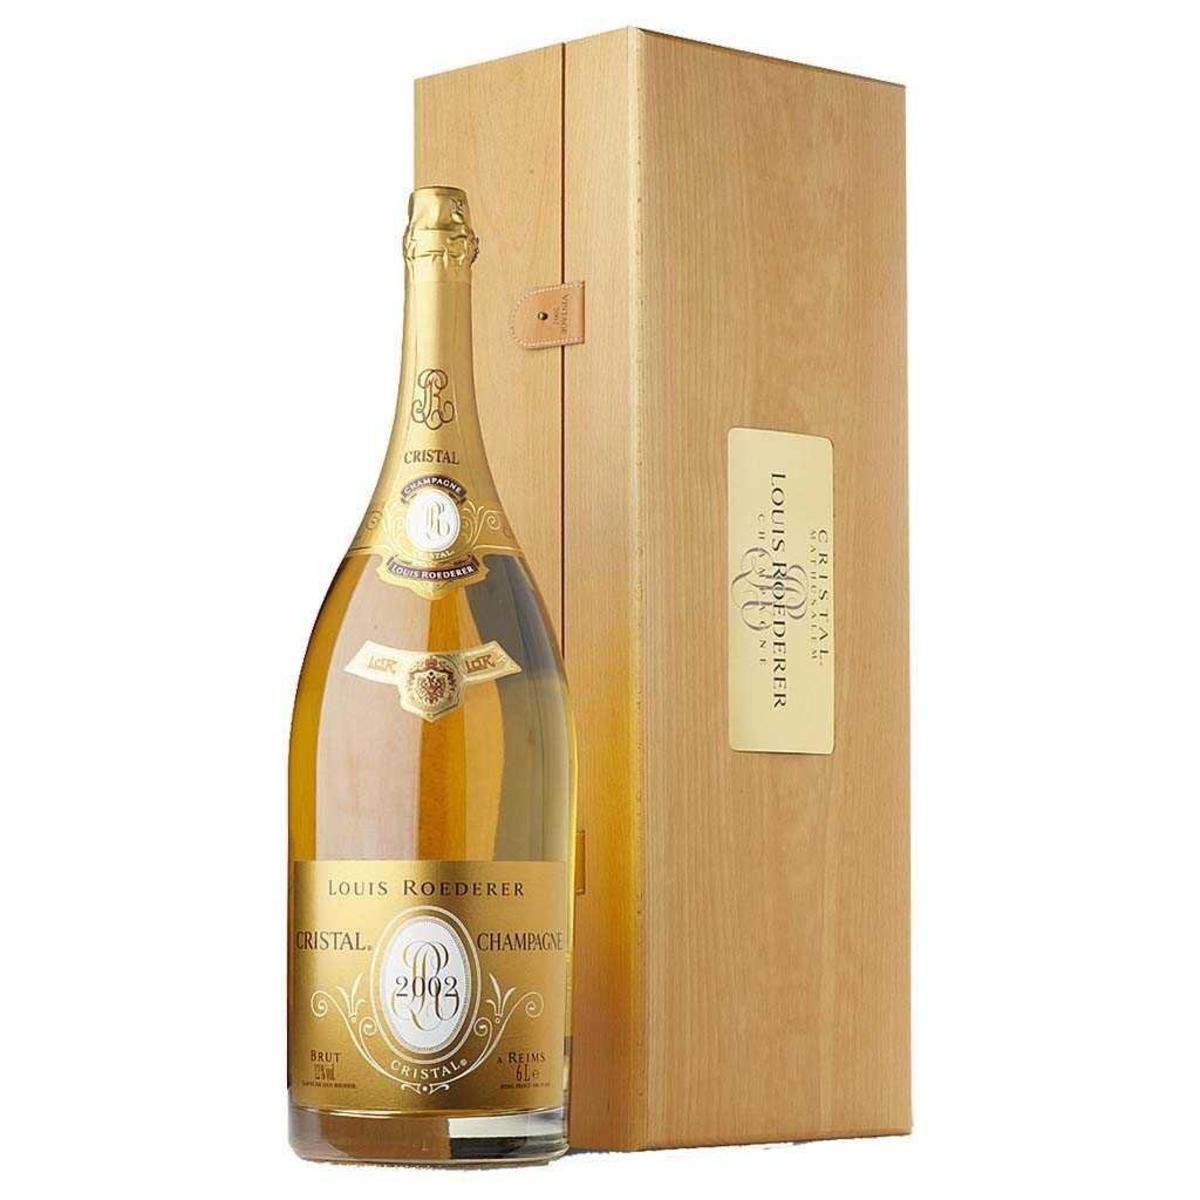 Champagne Cristal Brut Louis Roederer  2006 3 litros com estojo de madeira